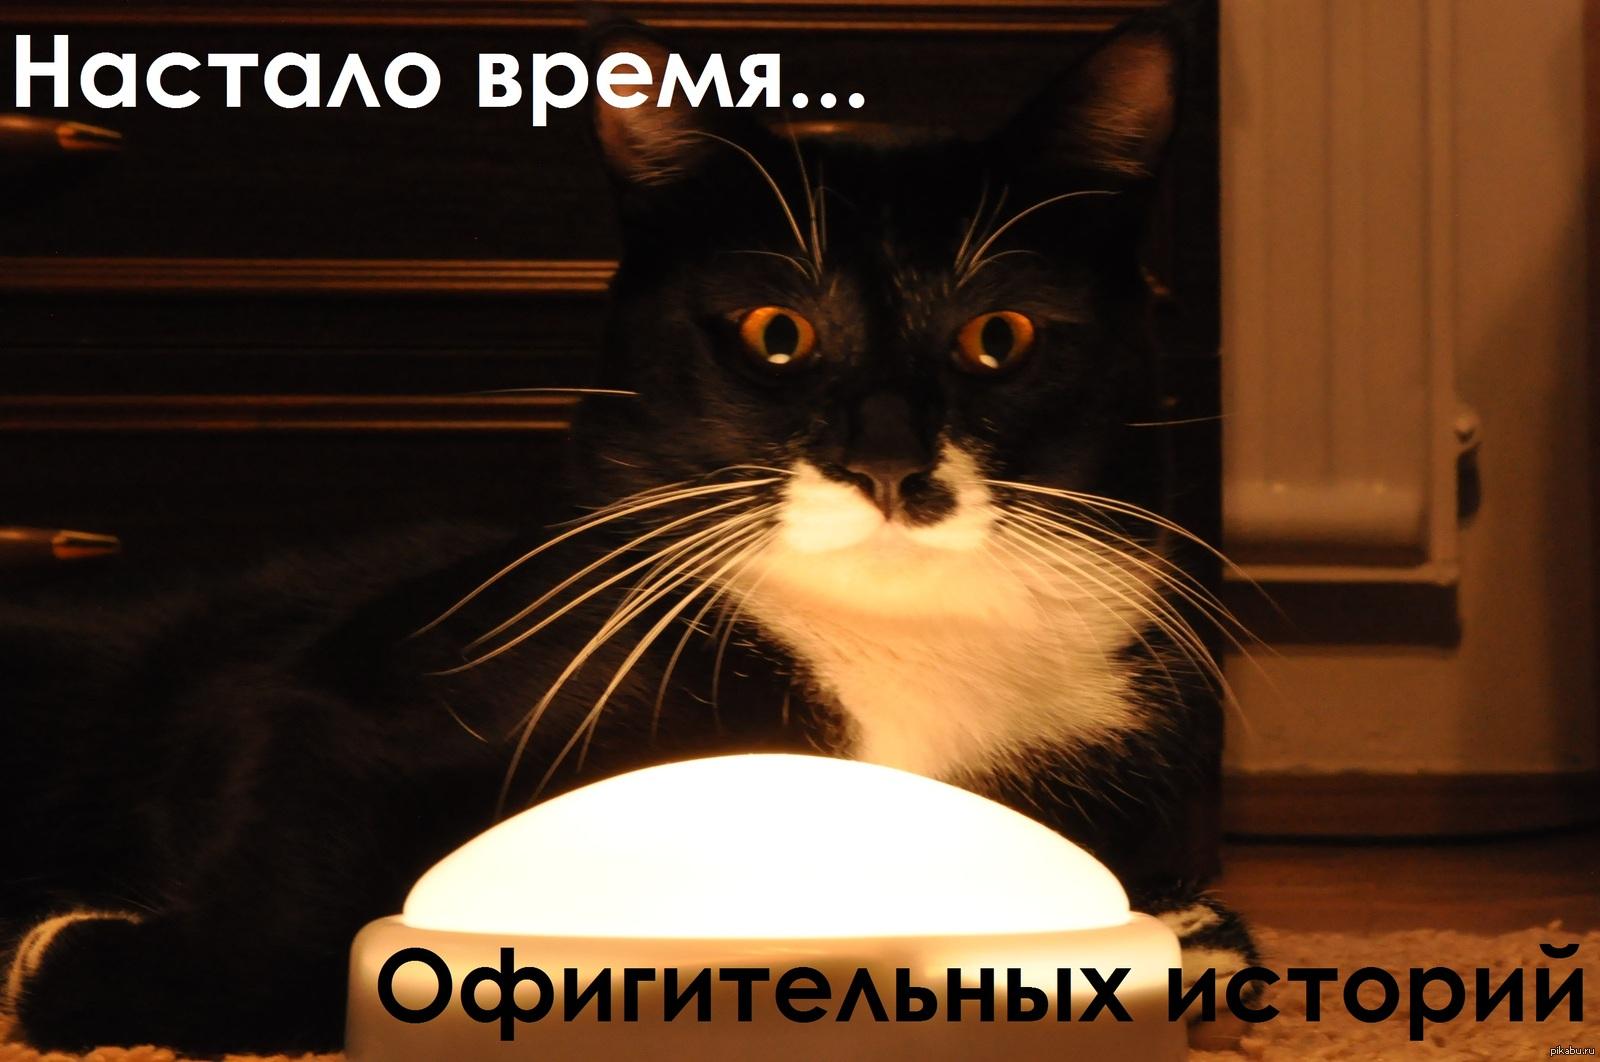 http://gx.net.ua/news_images/1523608926.jpg